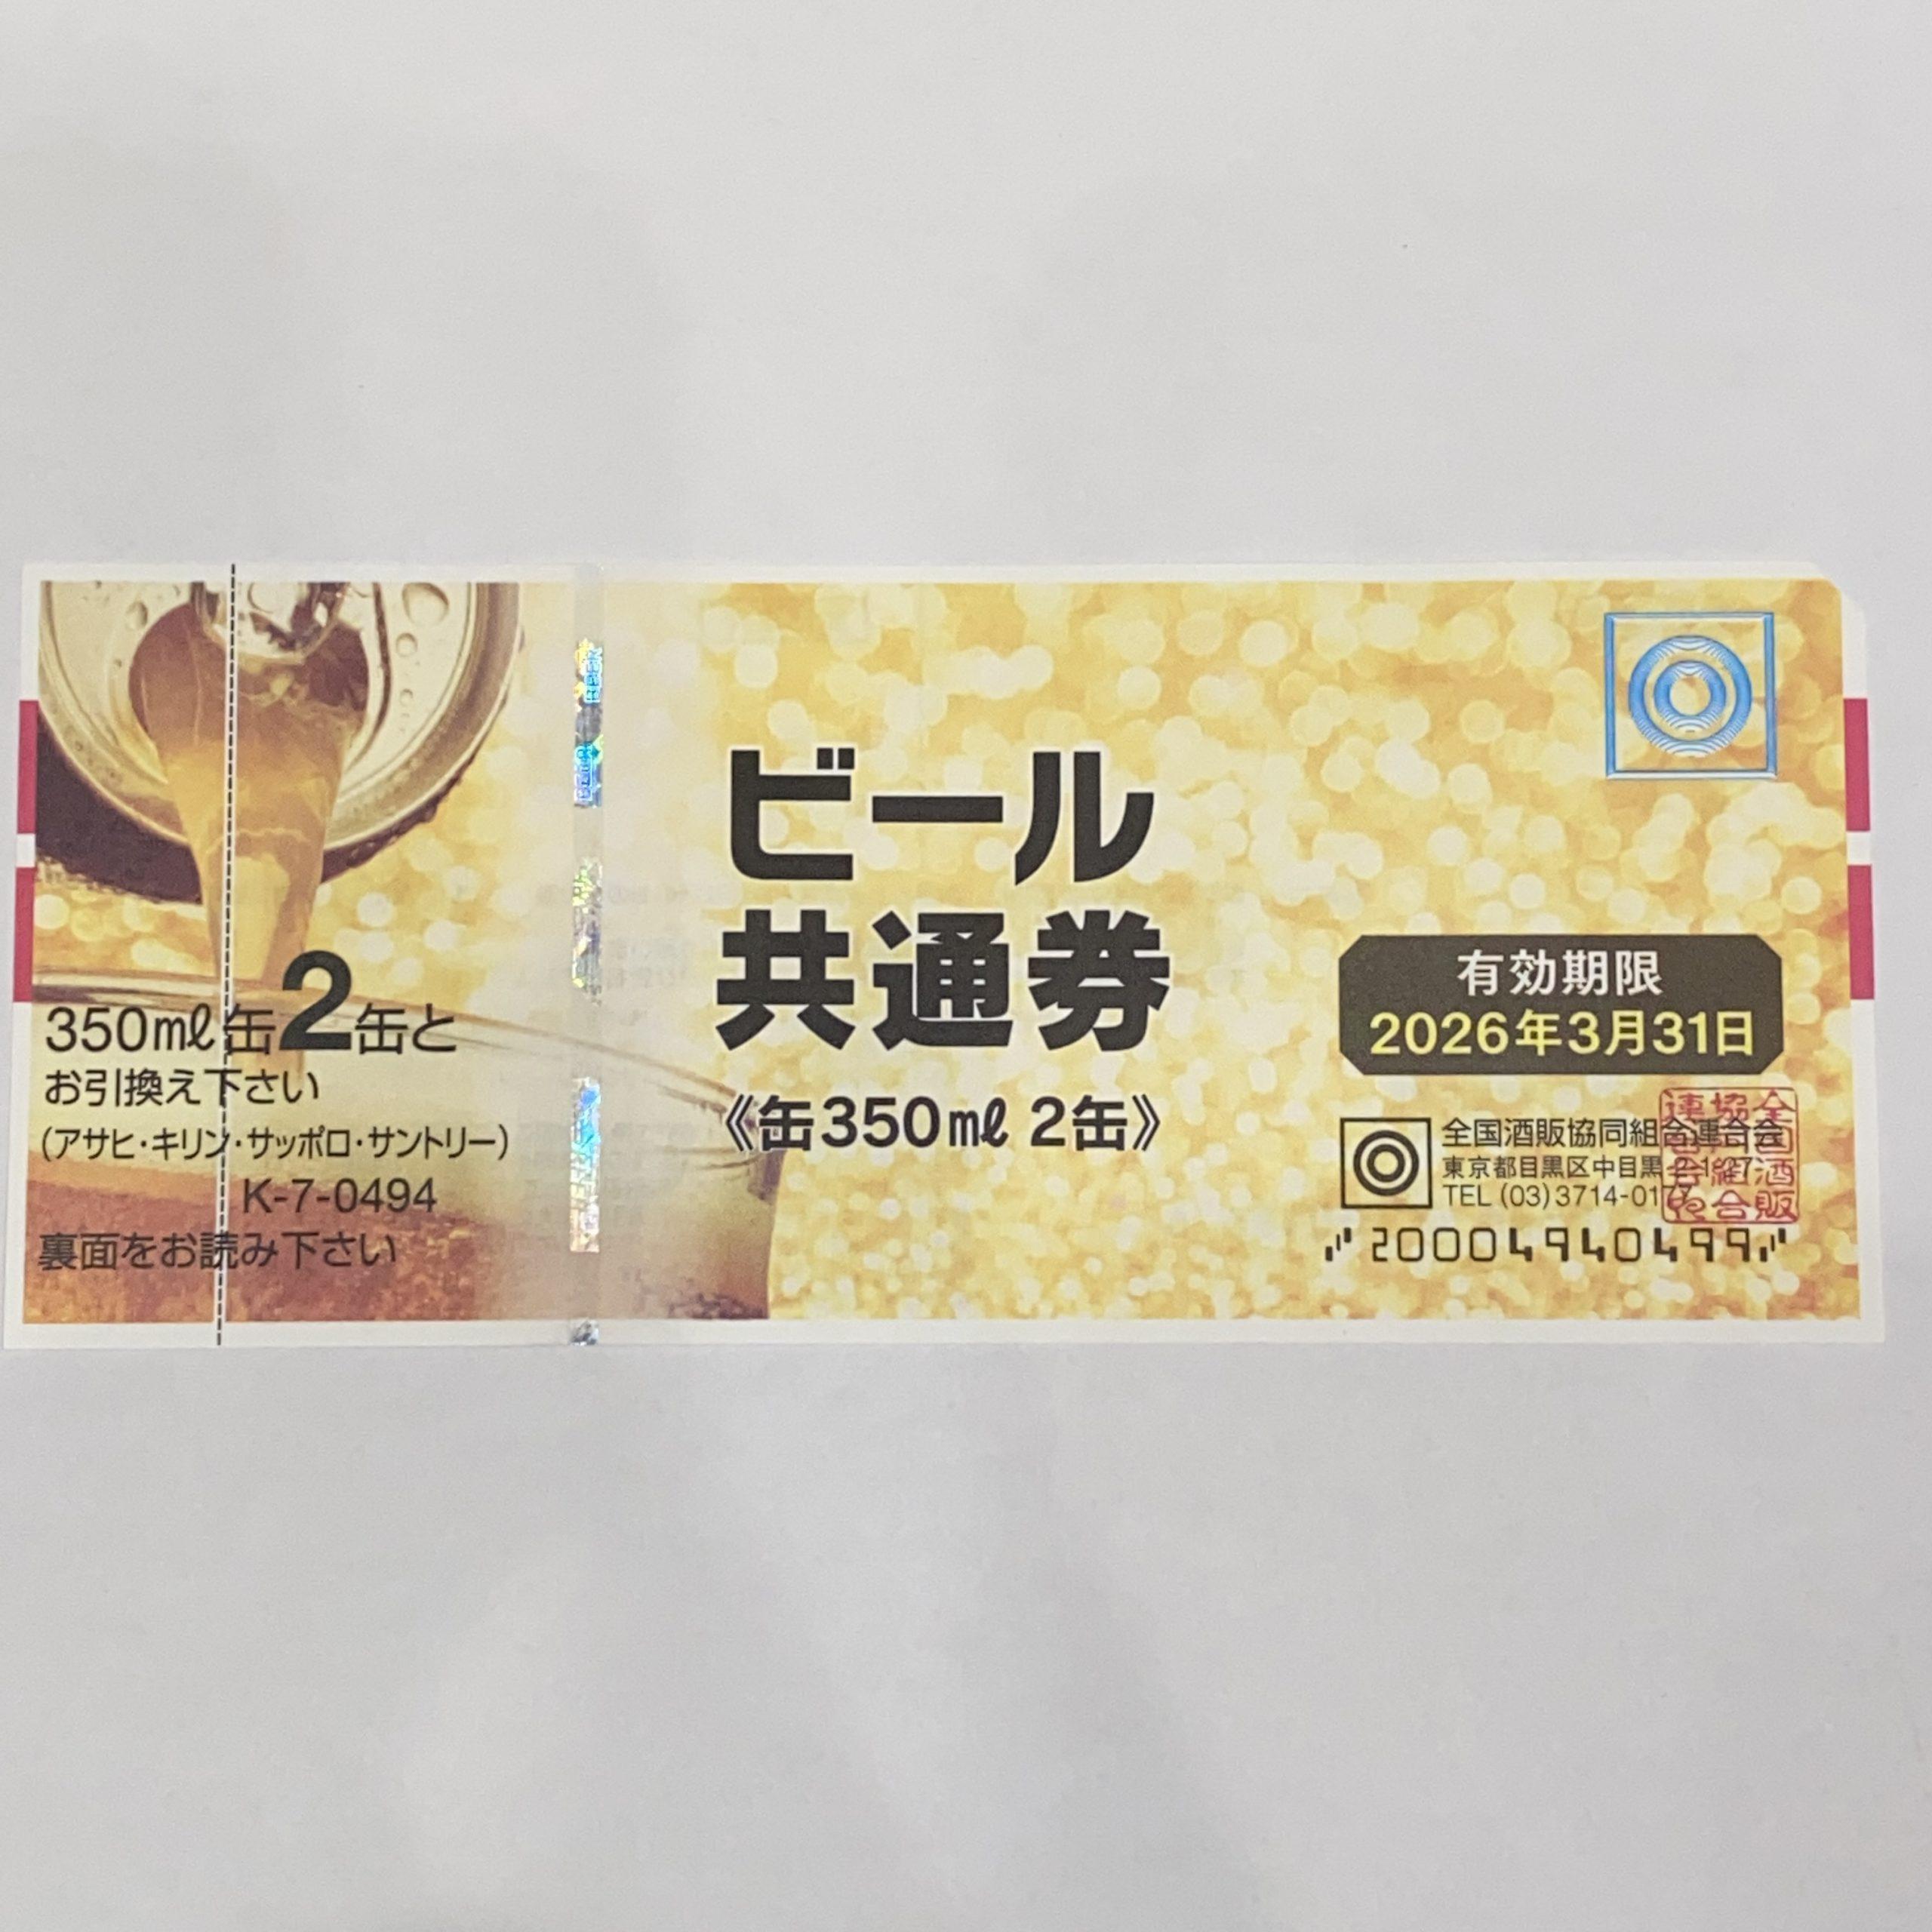 ビール共通券 494円